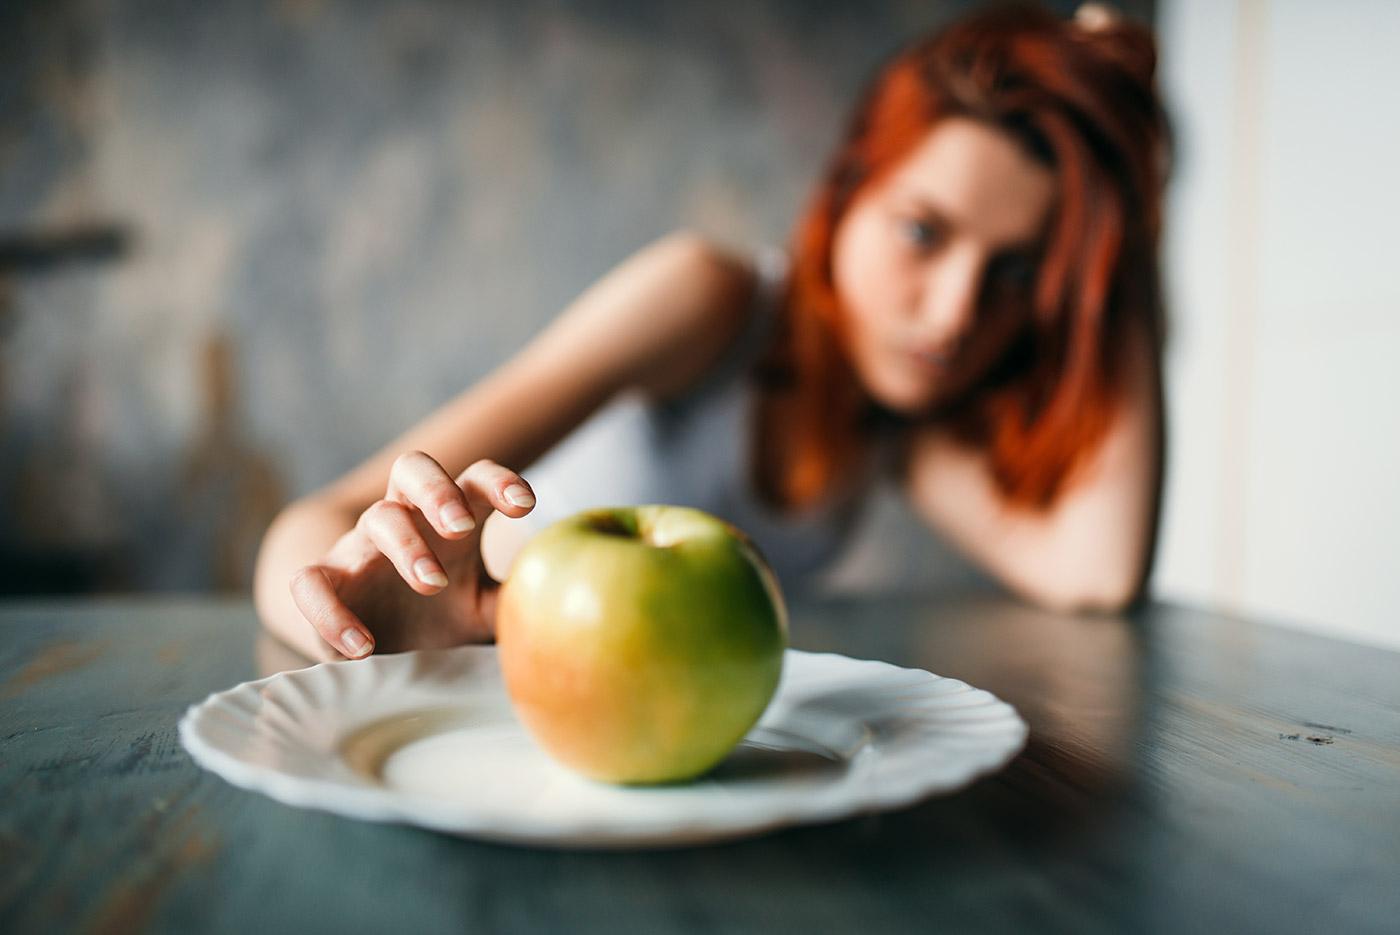 Anorexia ¿Cómo ayudar?